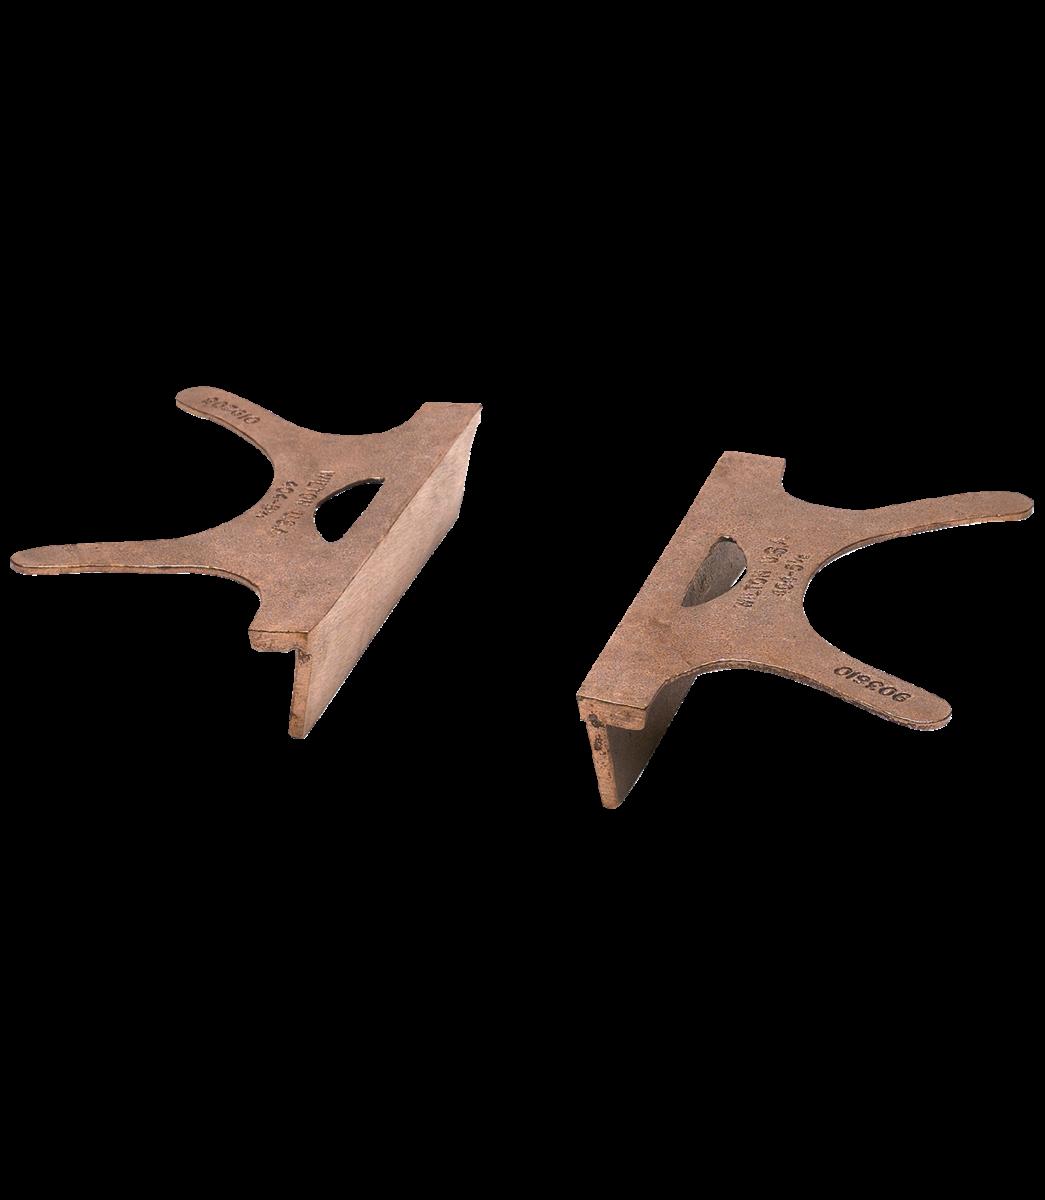 404-6.5, Copper Jaw Caps, 6 1/2